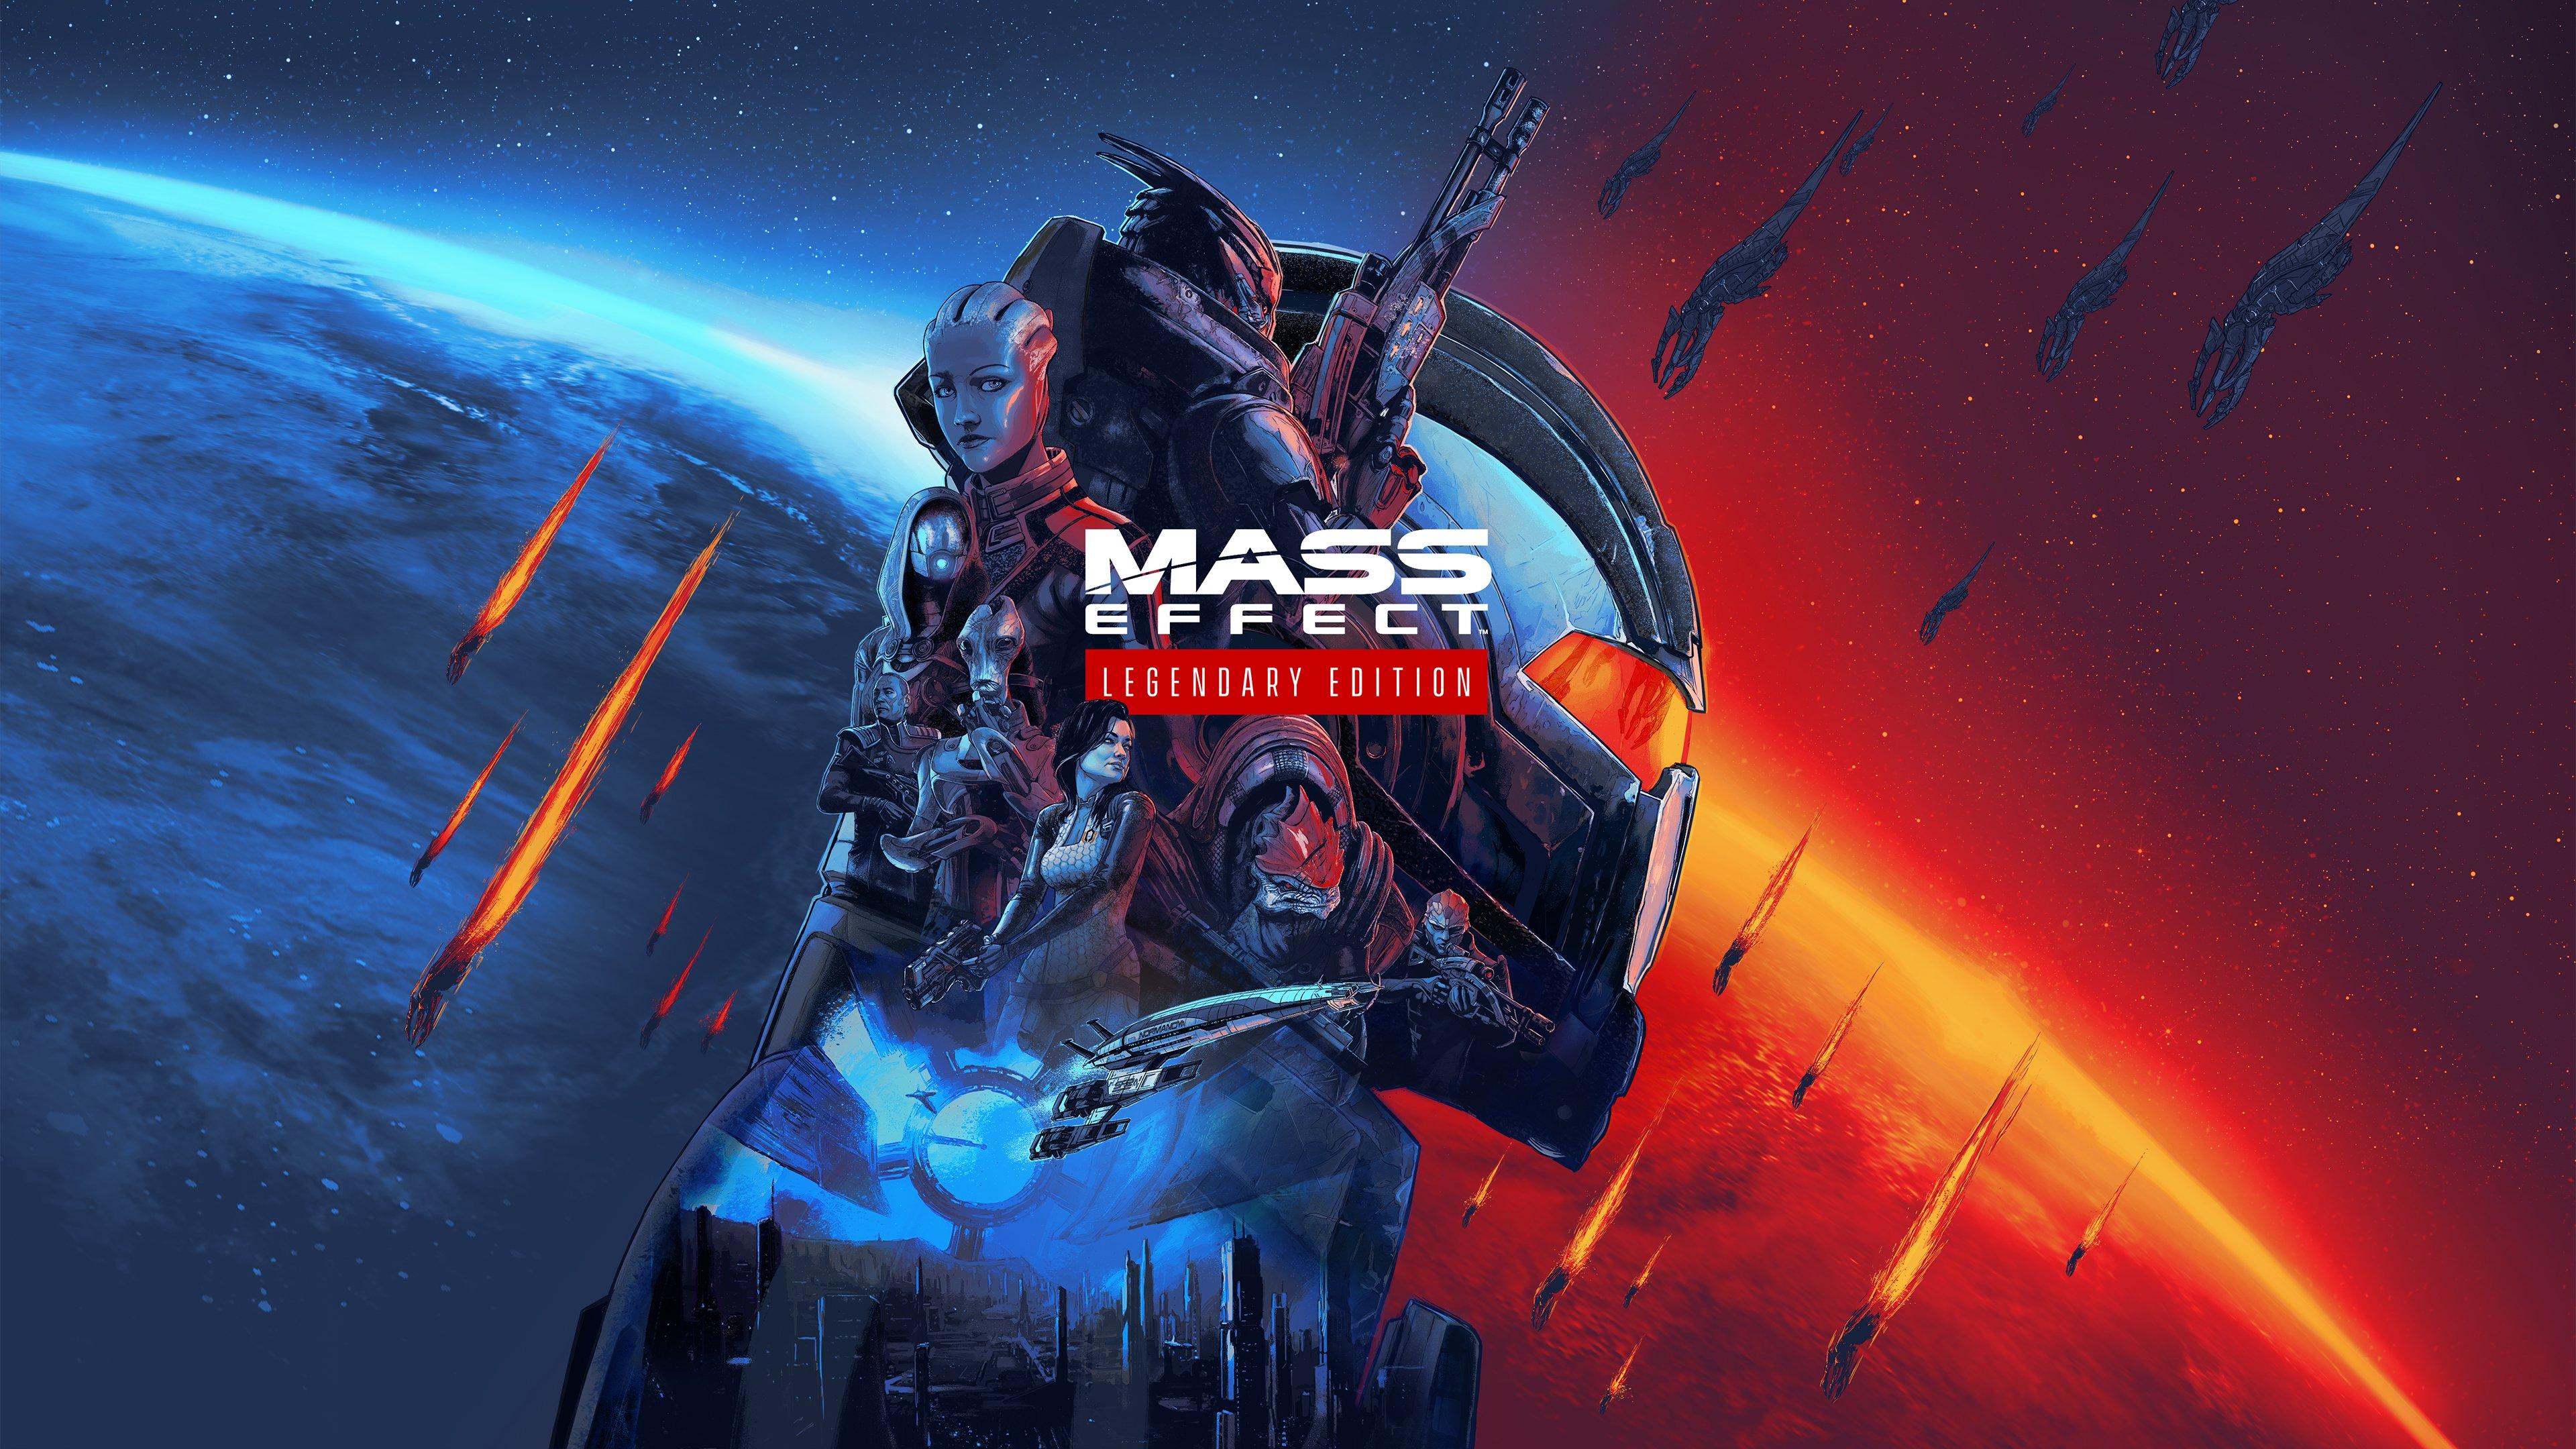 Wallpaper Mass Effect Legendary edition